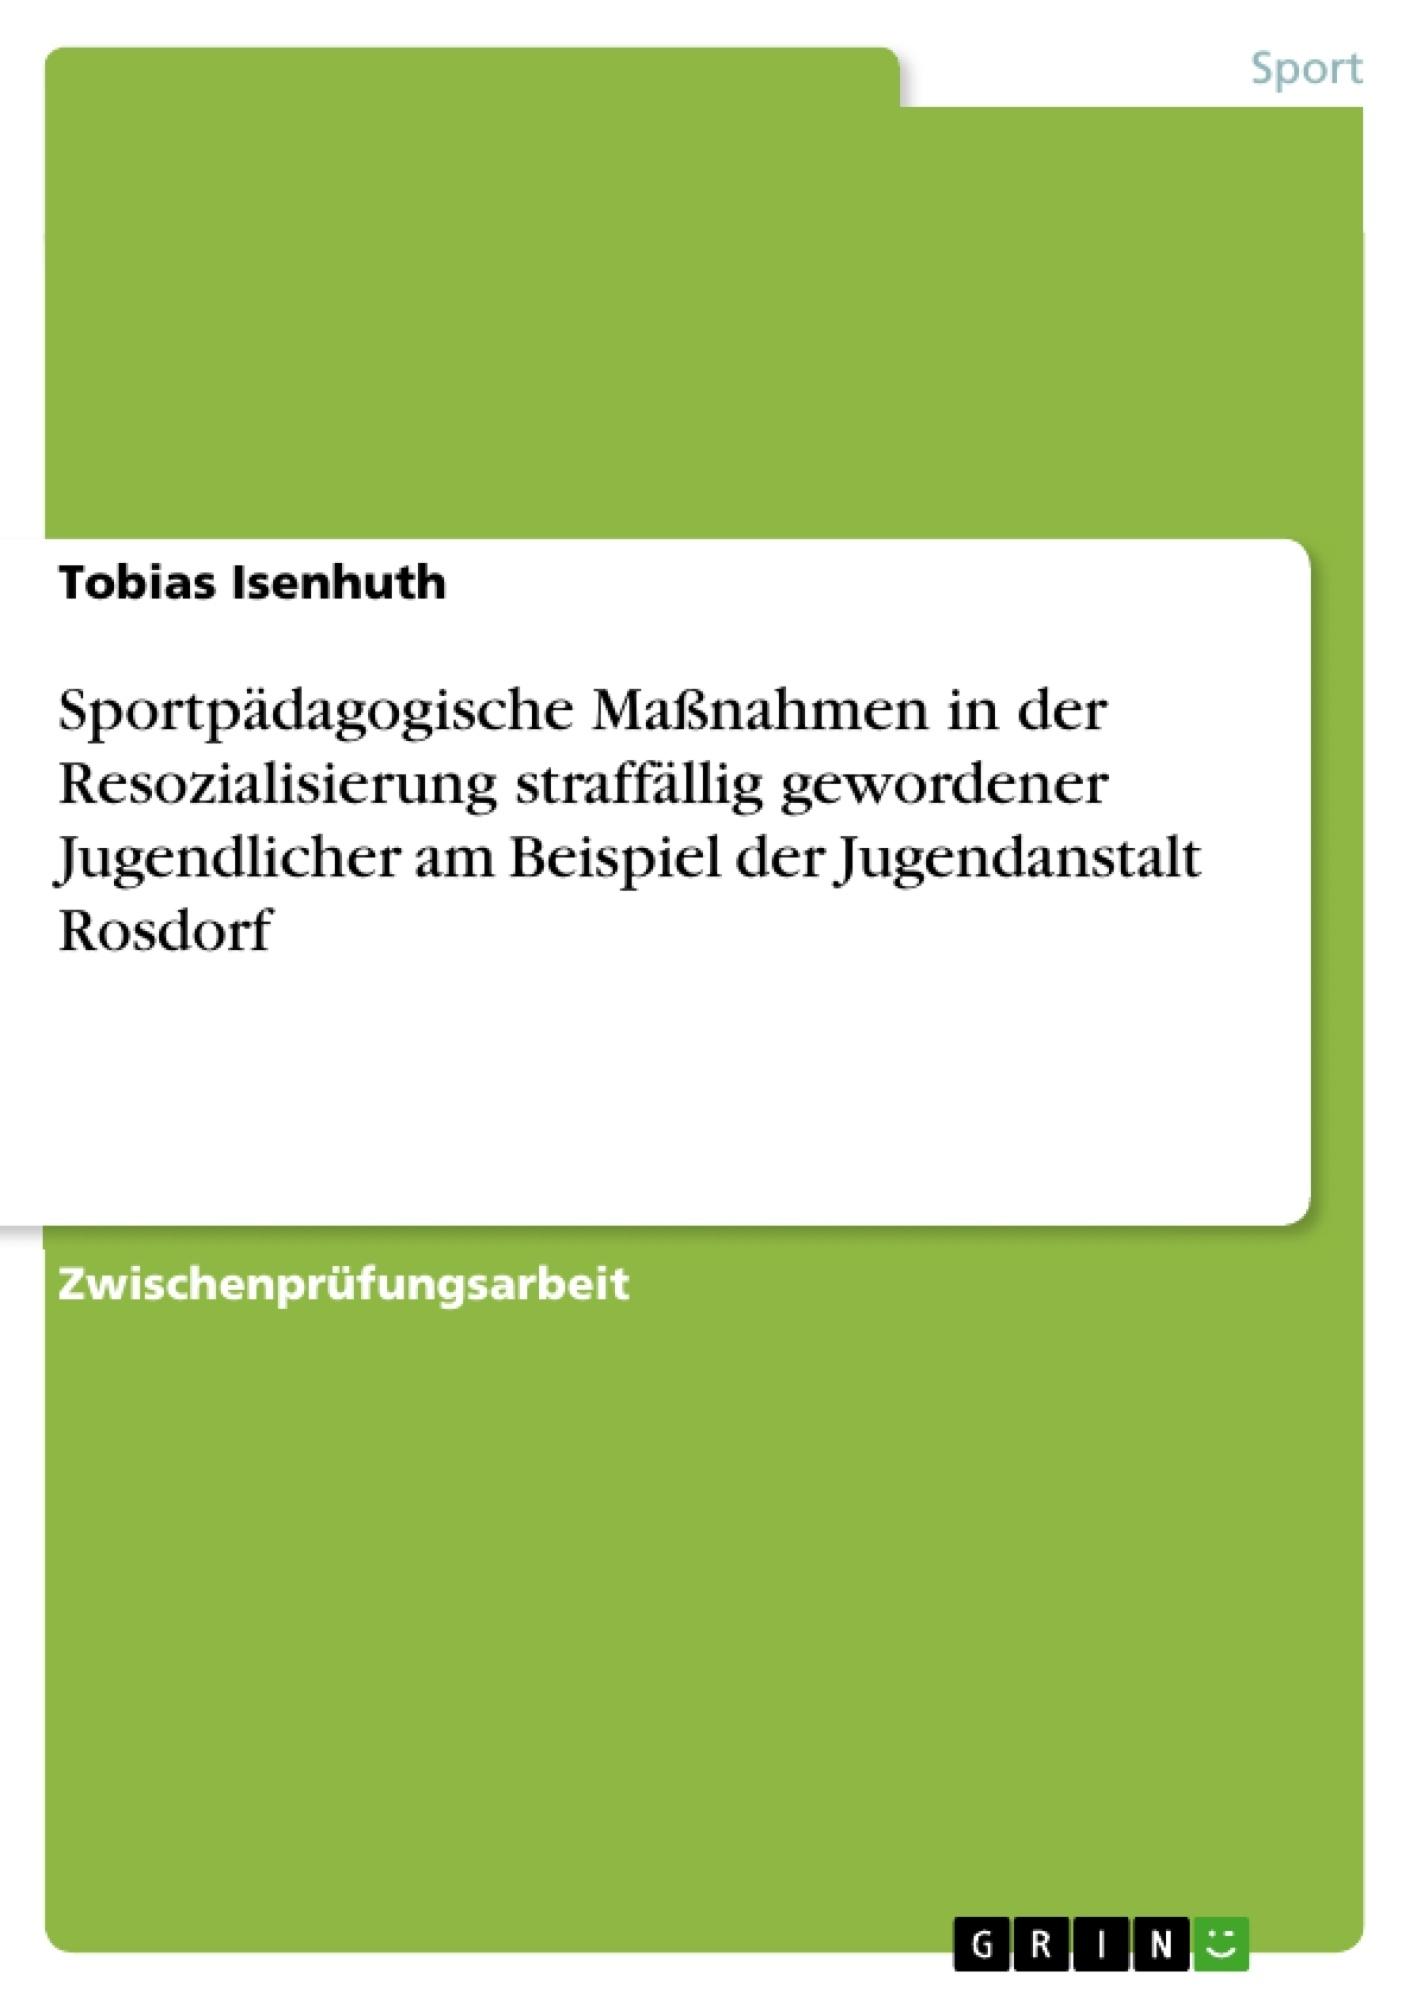 Titel: Sportpädagogische Maßnahmen in der Resozialisierung straffällig gewordener Jugendlicher am Beispiel der Jugendanstalt Rosdorf